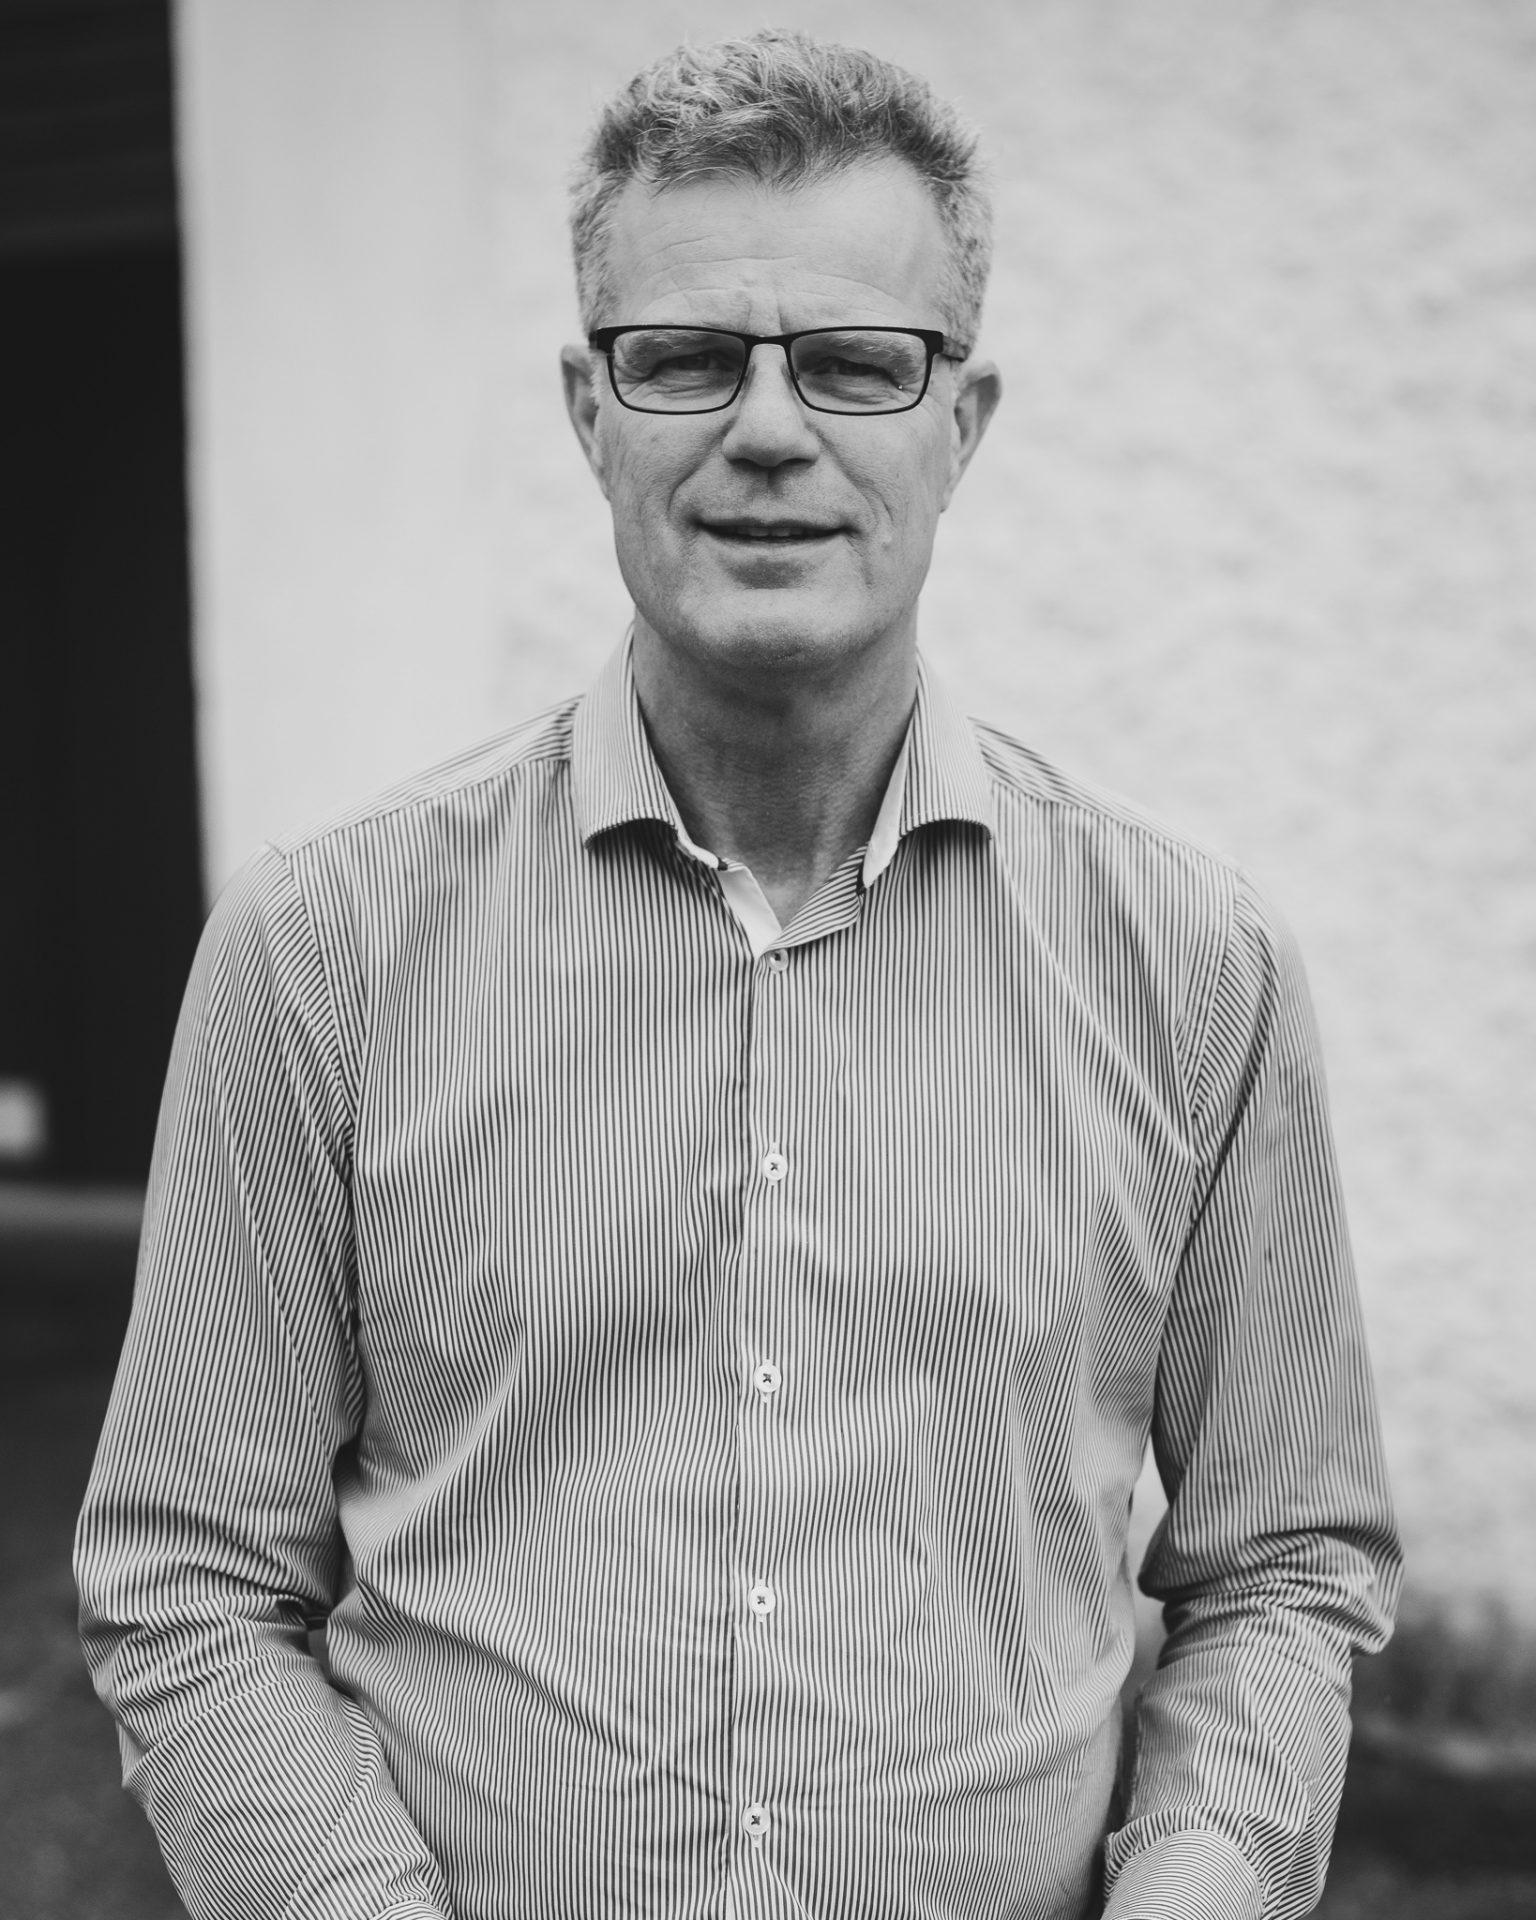 Krister Johansson